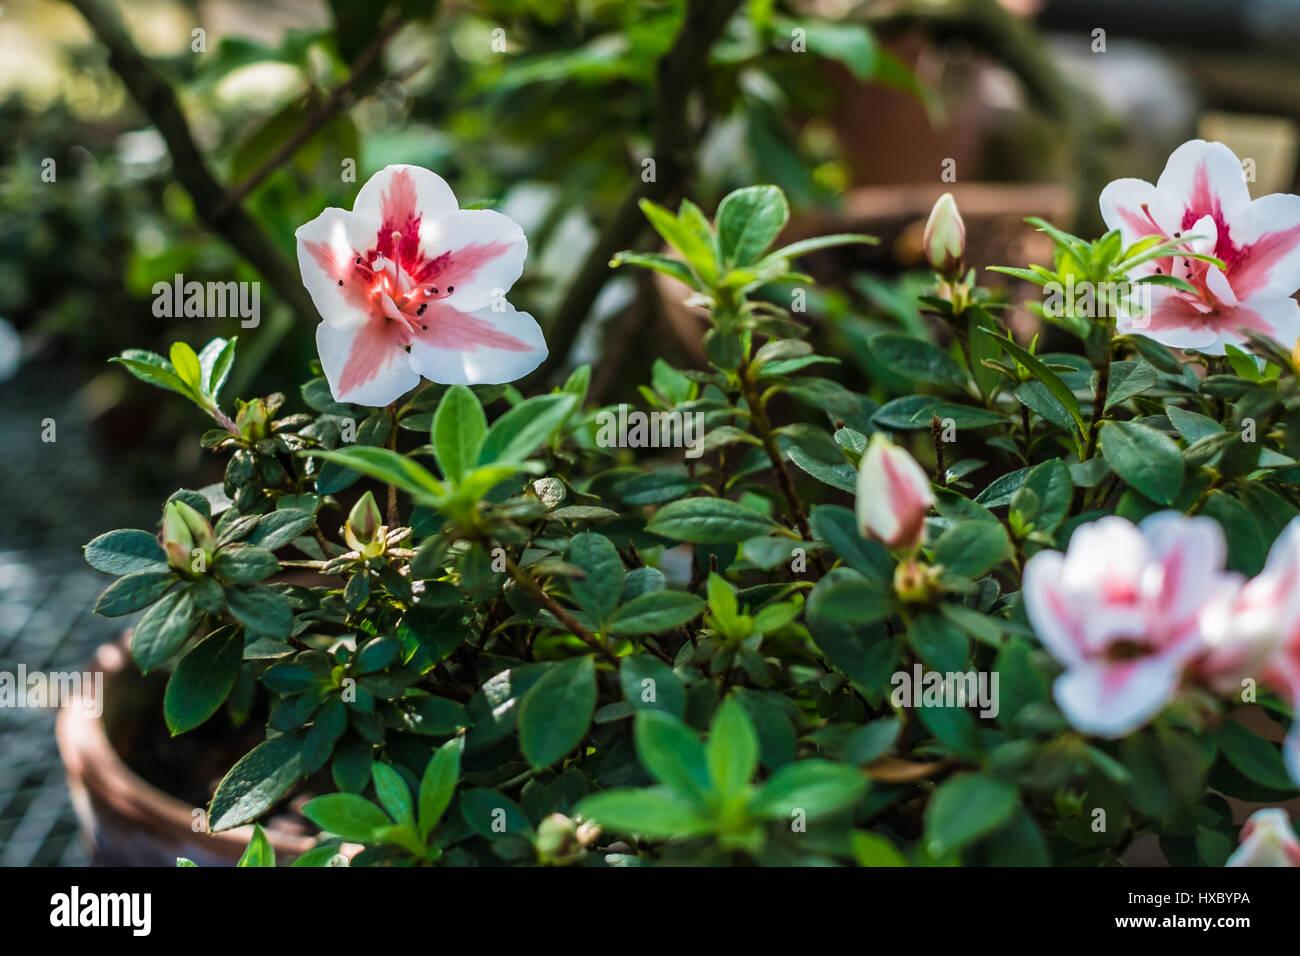 Lumiere Blanche Et Rose Fleur Tropicale Rhododendron Avec Fond Vert